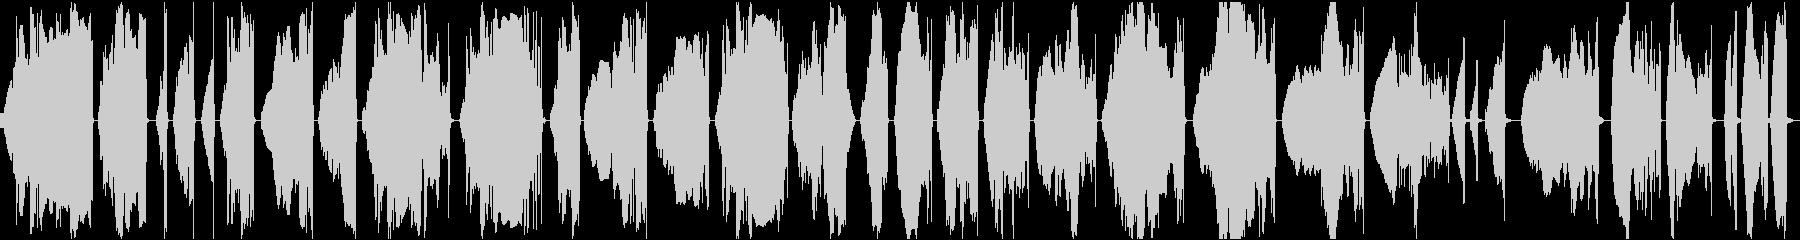 スペースワープとタイムシフトの喪失...の未再生の波形